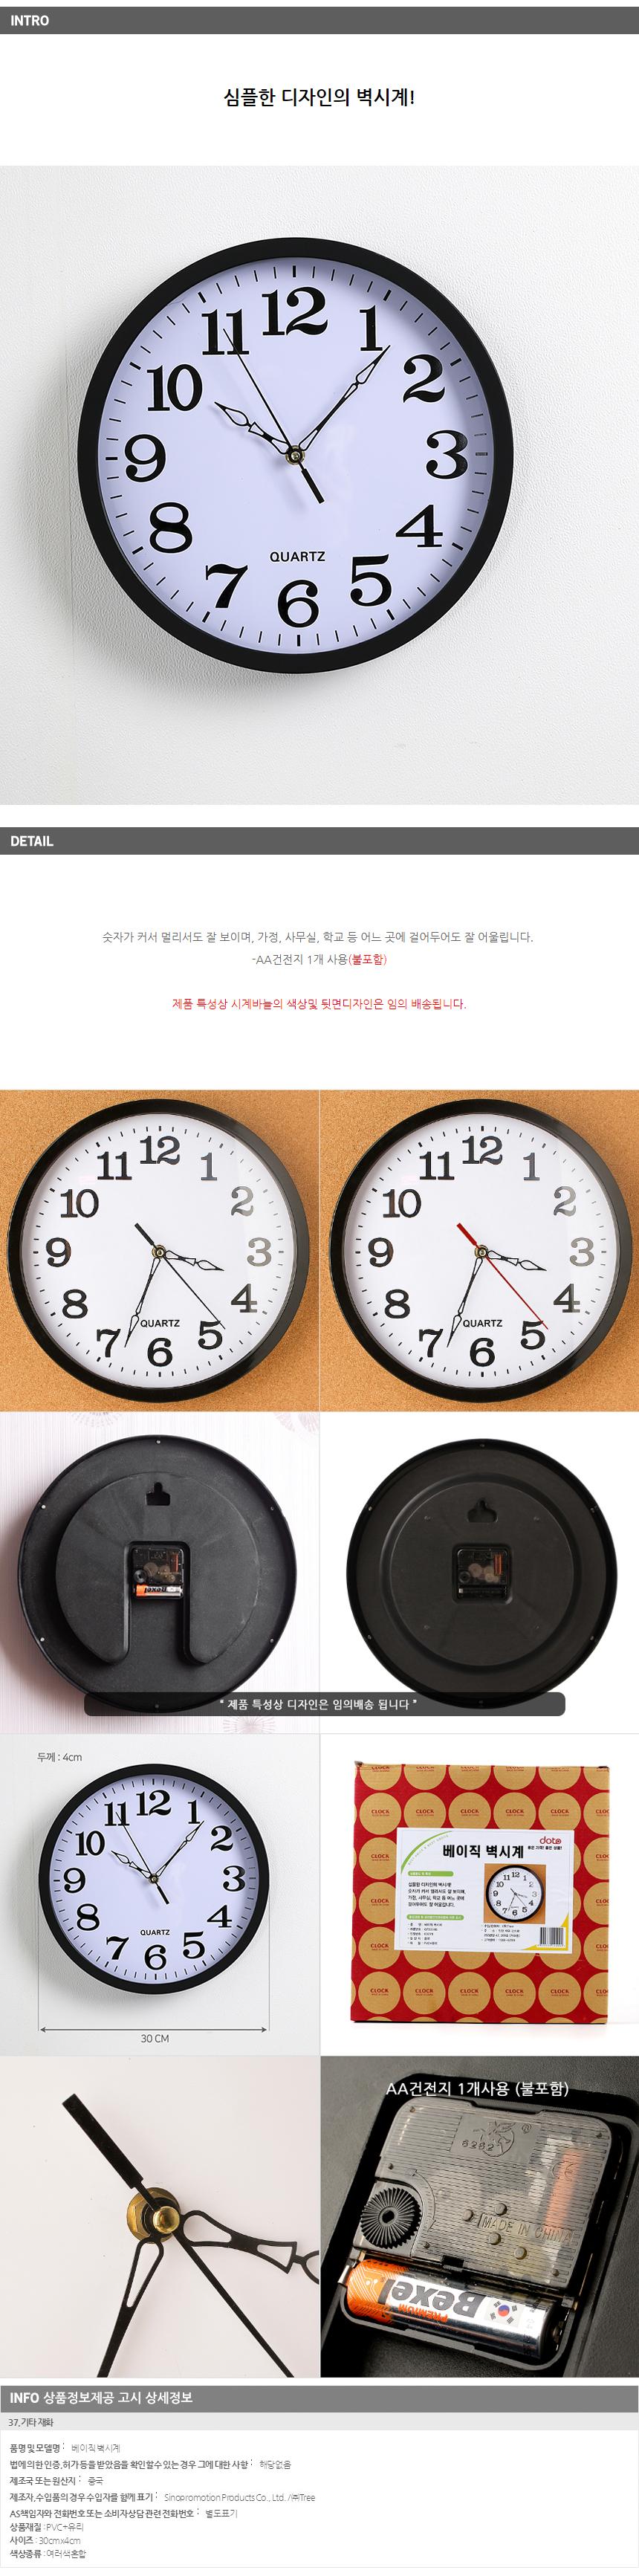 베이직 심플 큰~숫자 벽시계 - 기프트갓, 9,420원, 벽시계, 디자인벽시계